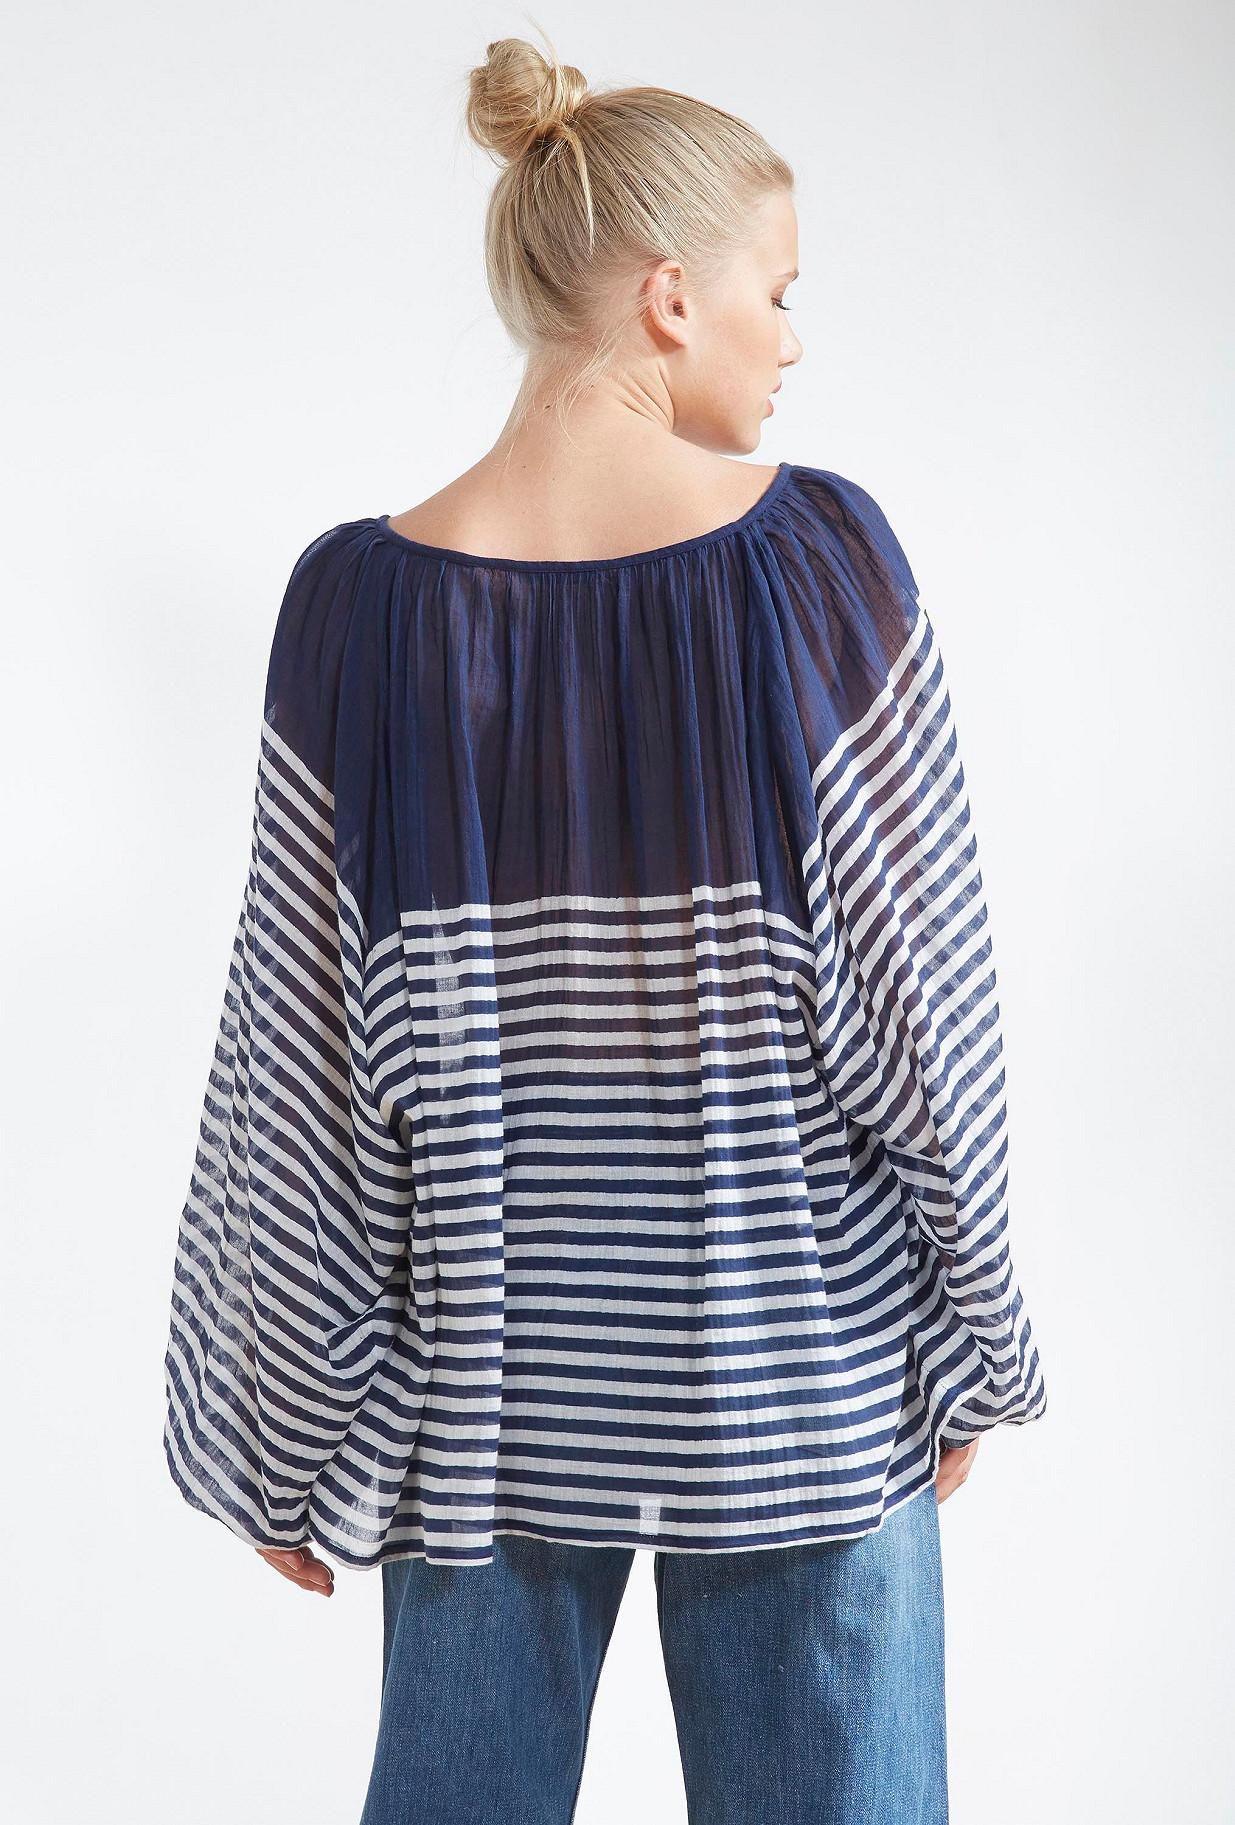 Navy  BLOUSE  Forward Mes demoiselles fashion clothes designer Paris